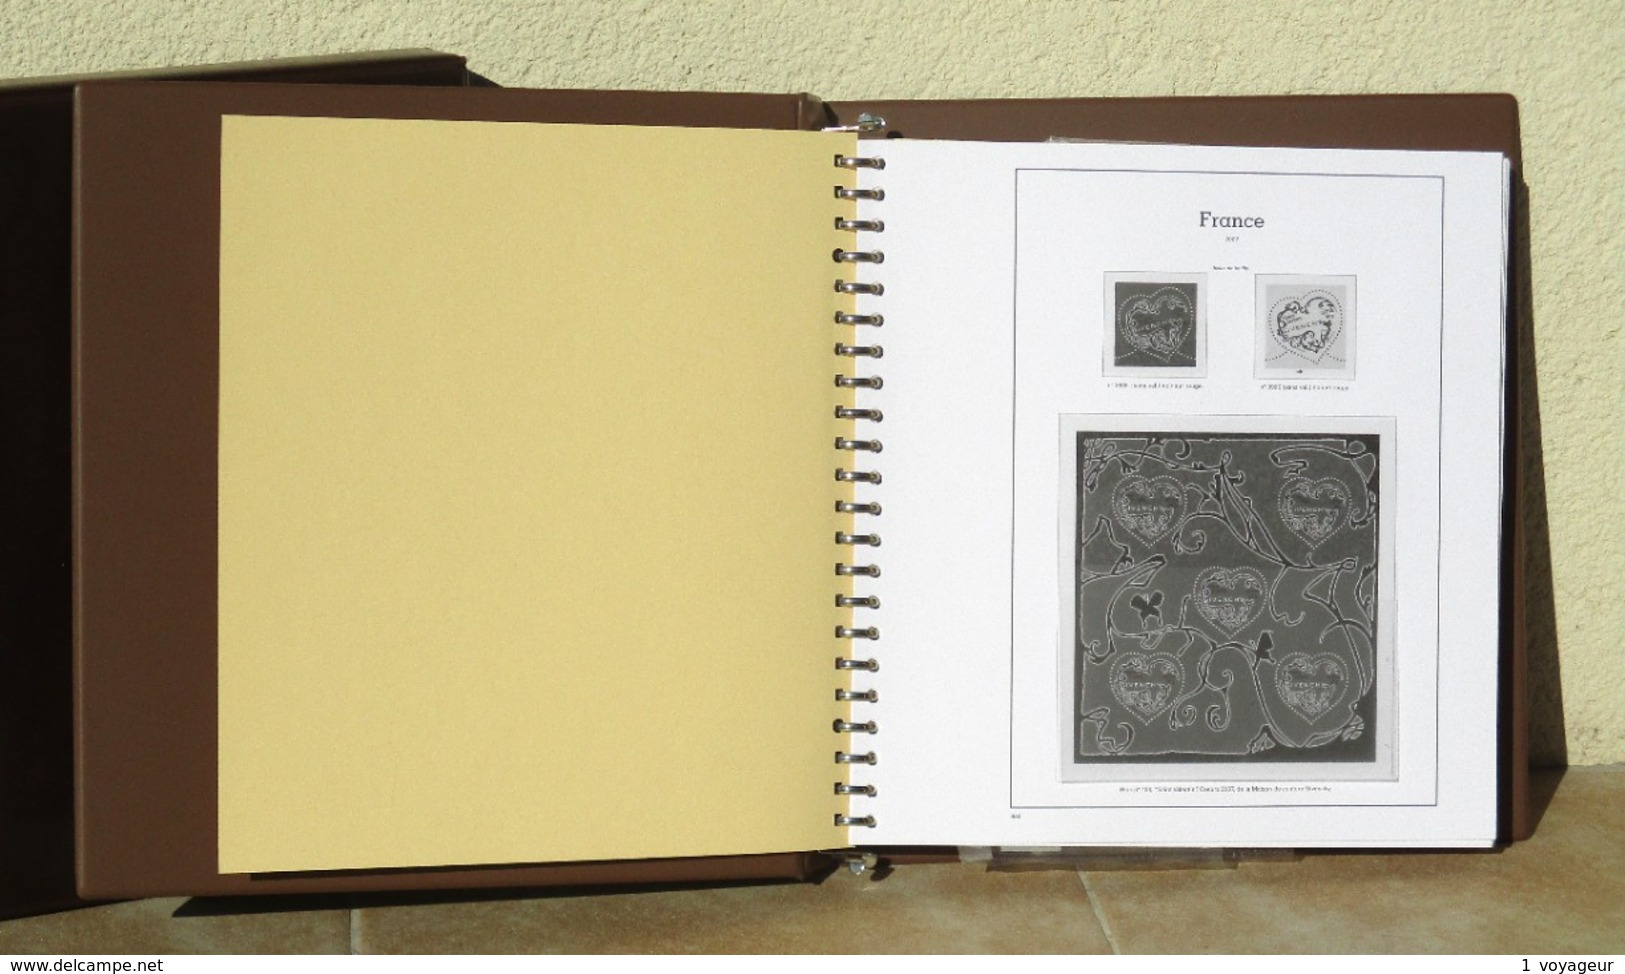 FRANCE - Album + étui MARINI Sans Charnière (pochettes) + Intérieur 2007/2010 - Très Bon état. - Albums & Reliures